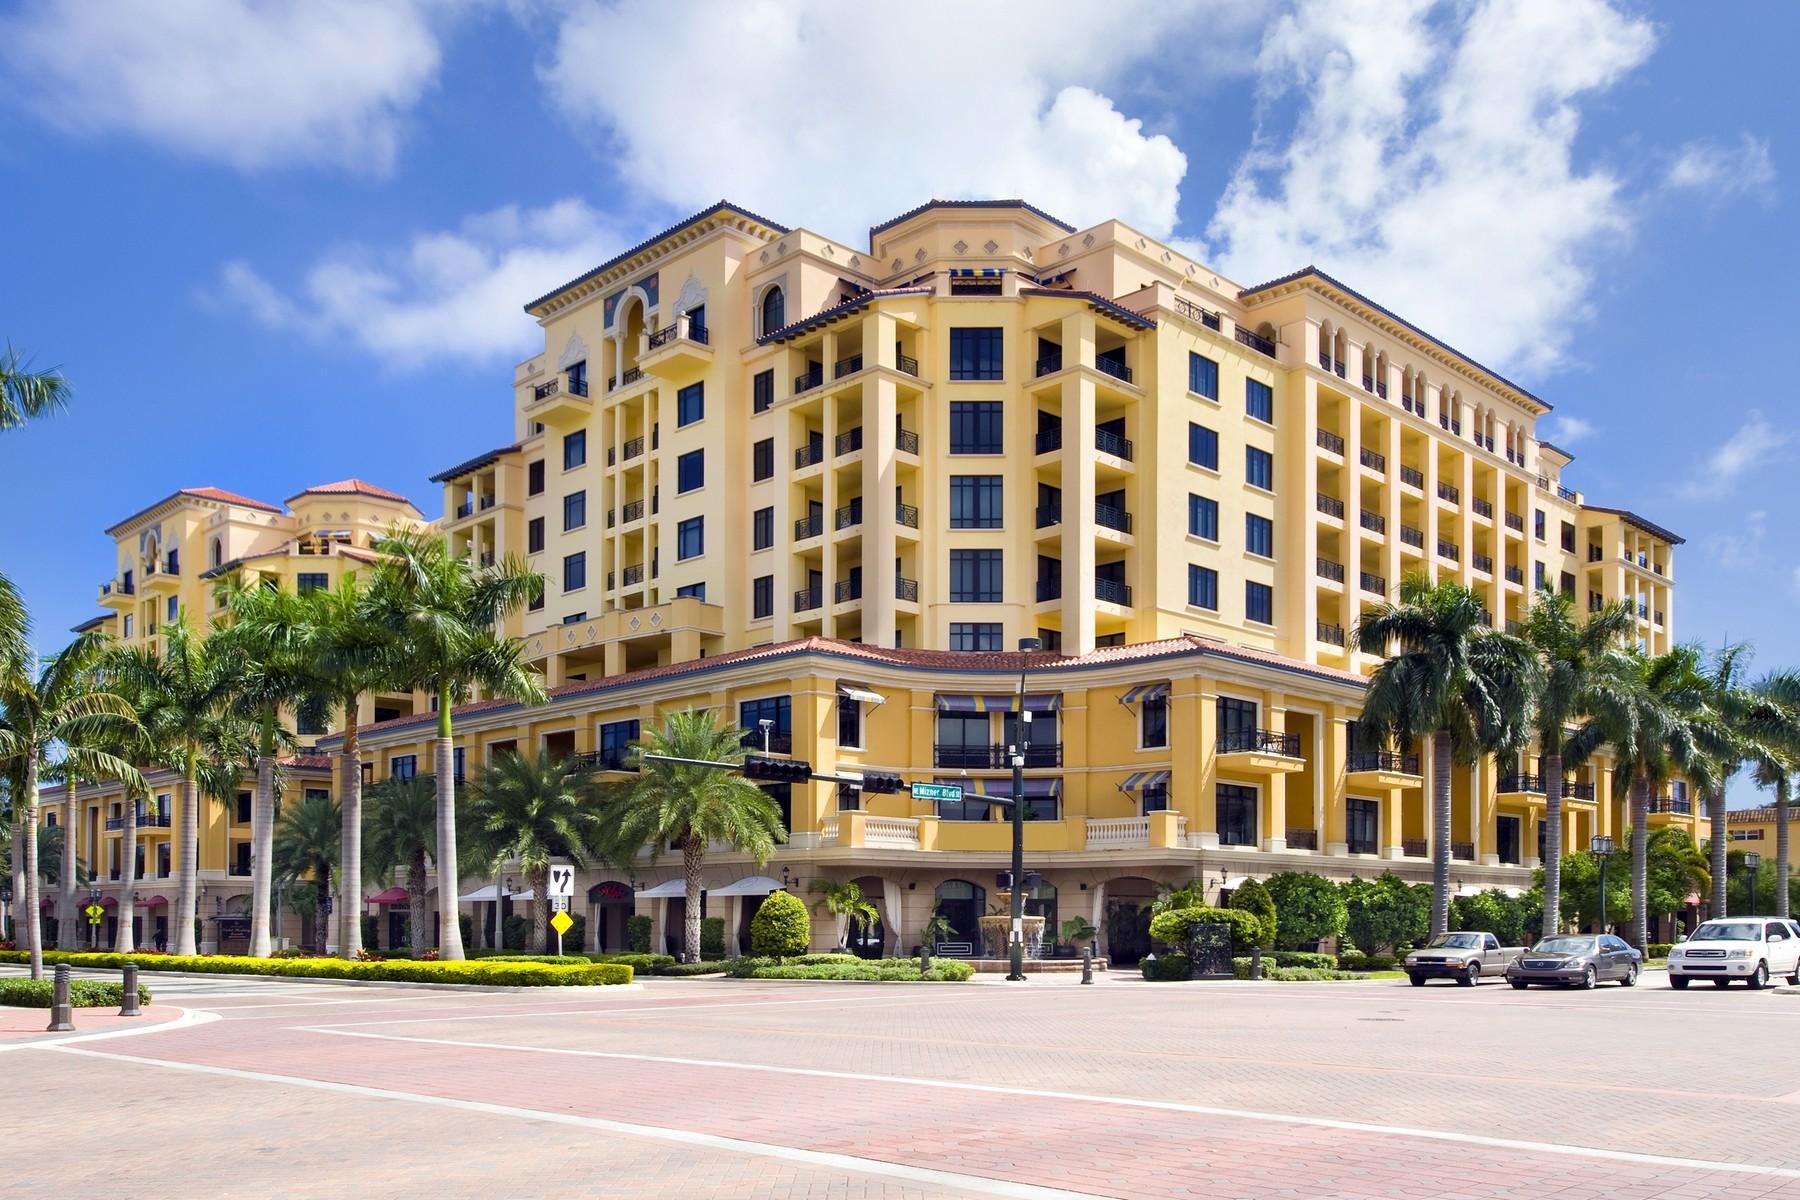 Copropriété pour l Vente à 200 E Palmetto Park Rd , Boca Raton, FL 33432 200 E Palmetto Park Rd 1 Boca Raton, Florida, 33432 États-Unis